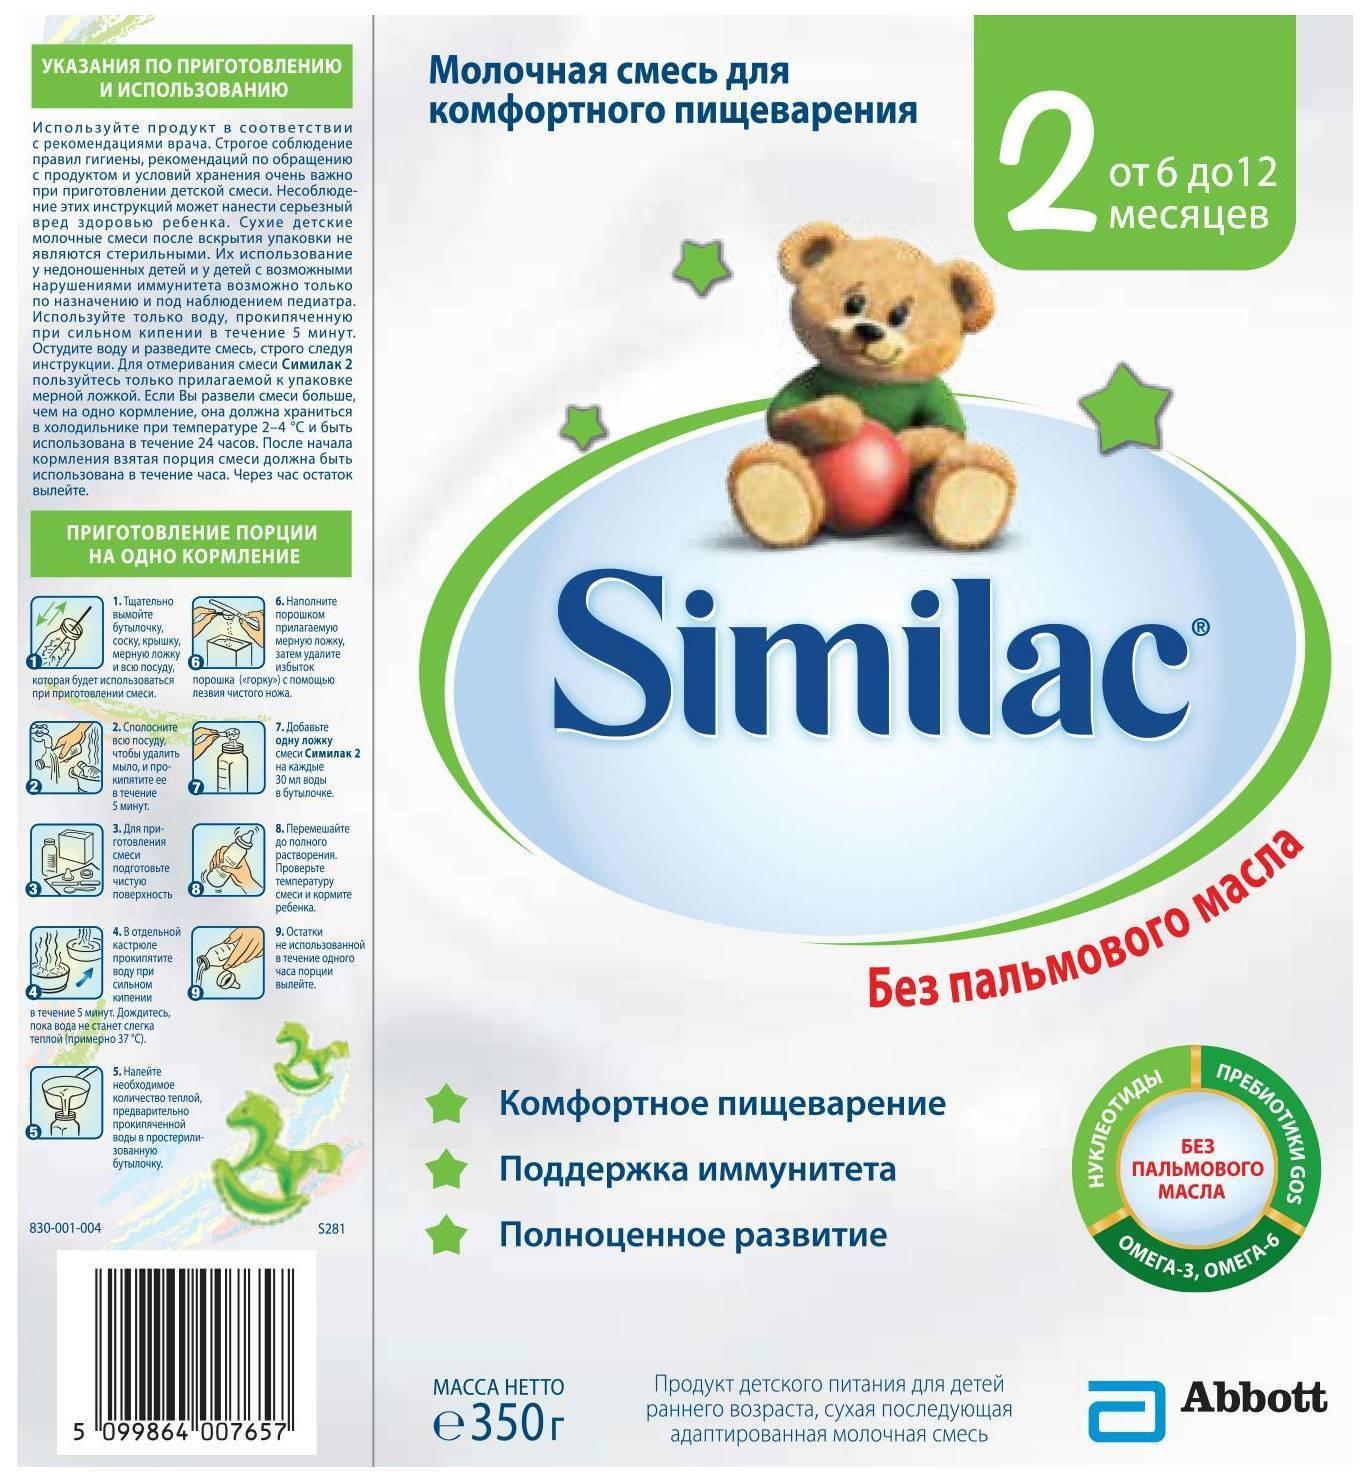 Смесь Симилак ?: состав детского питания от 0 до 6 месяцев, виды (Премиум, Комфорт)